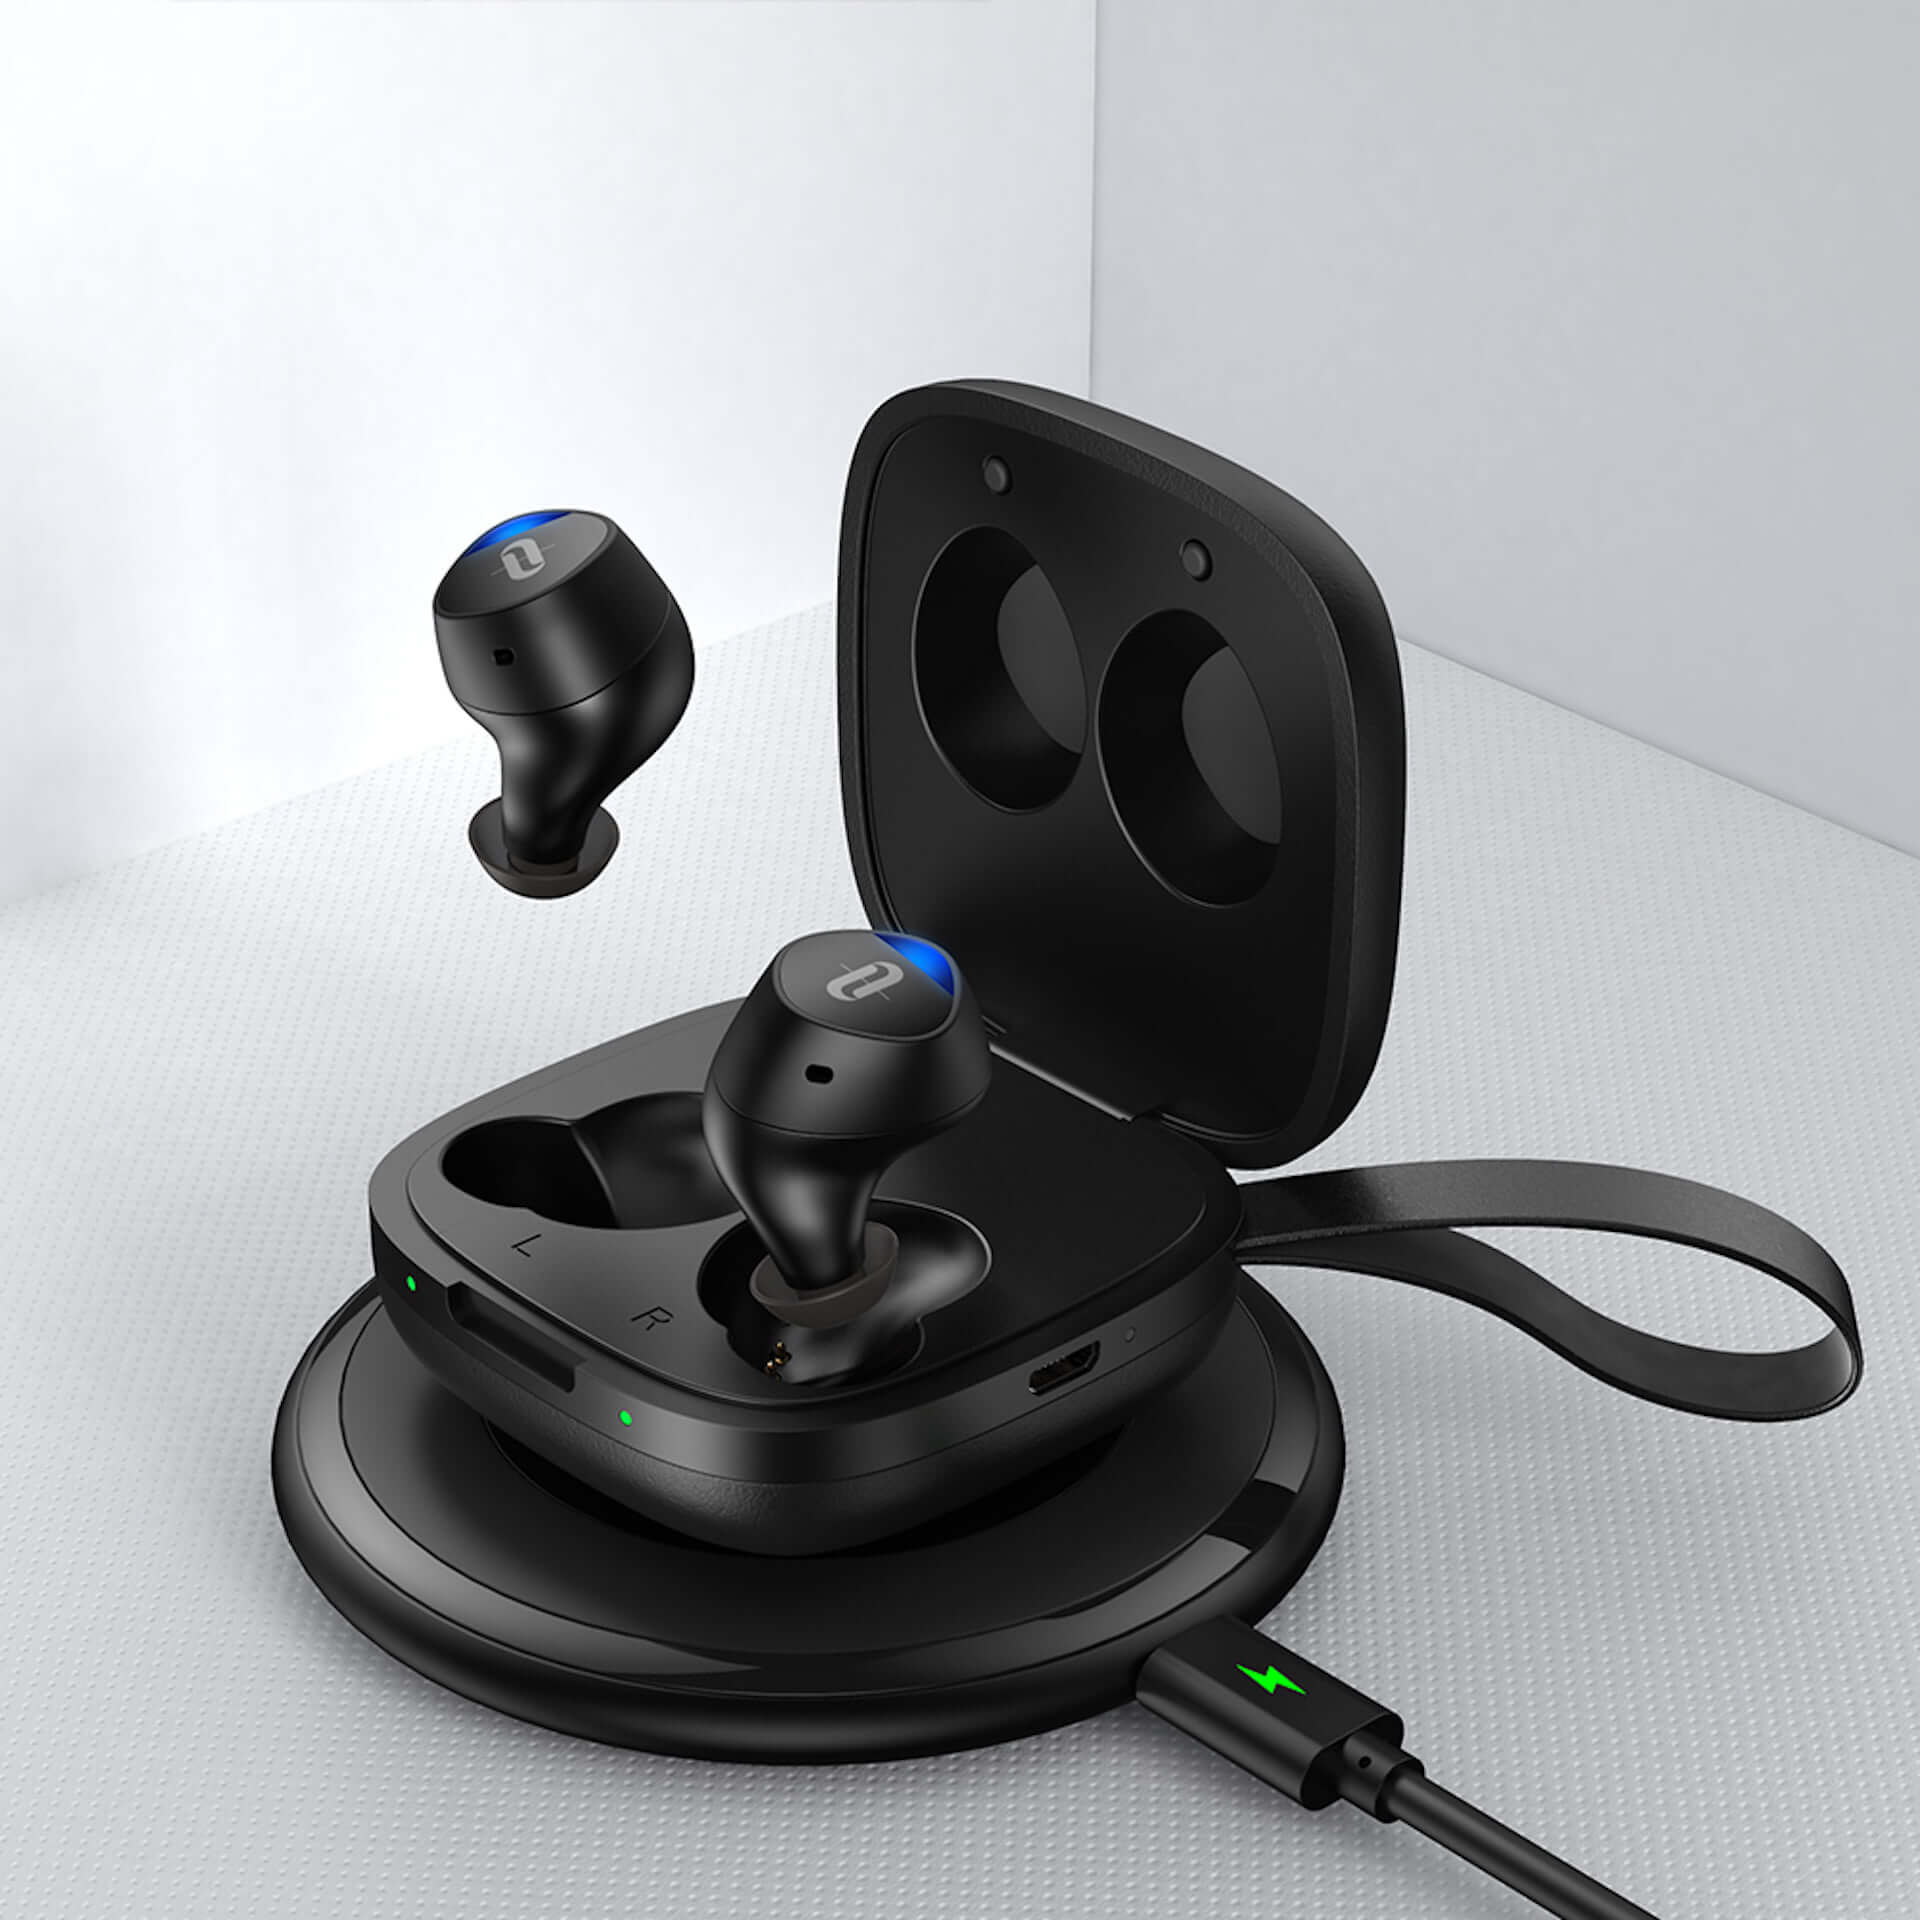 Qiワイヤレス充電も可能な防水ワイヤレスイヤホン「Duo Free+」がコスパ最高! tech190821_duofree_13-1920x1920